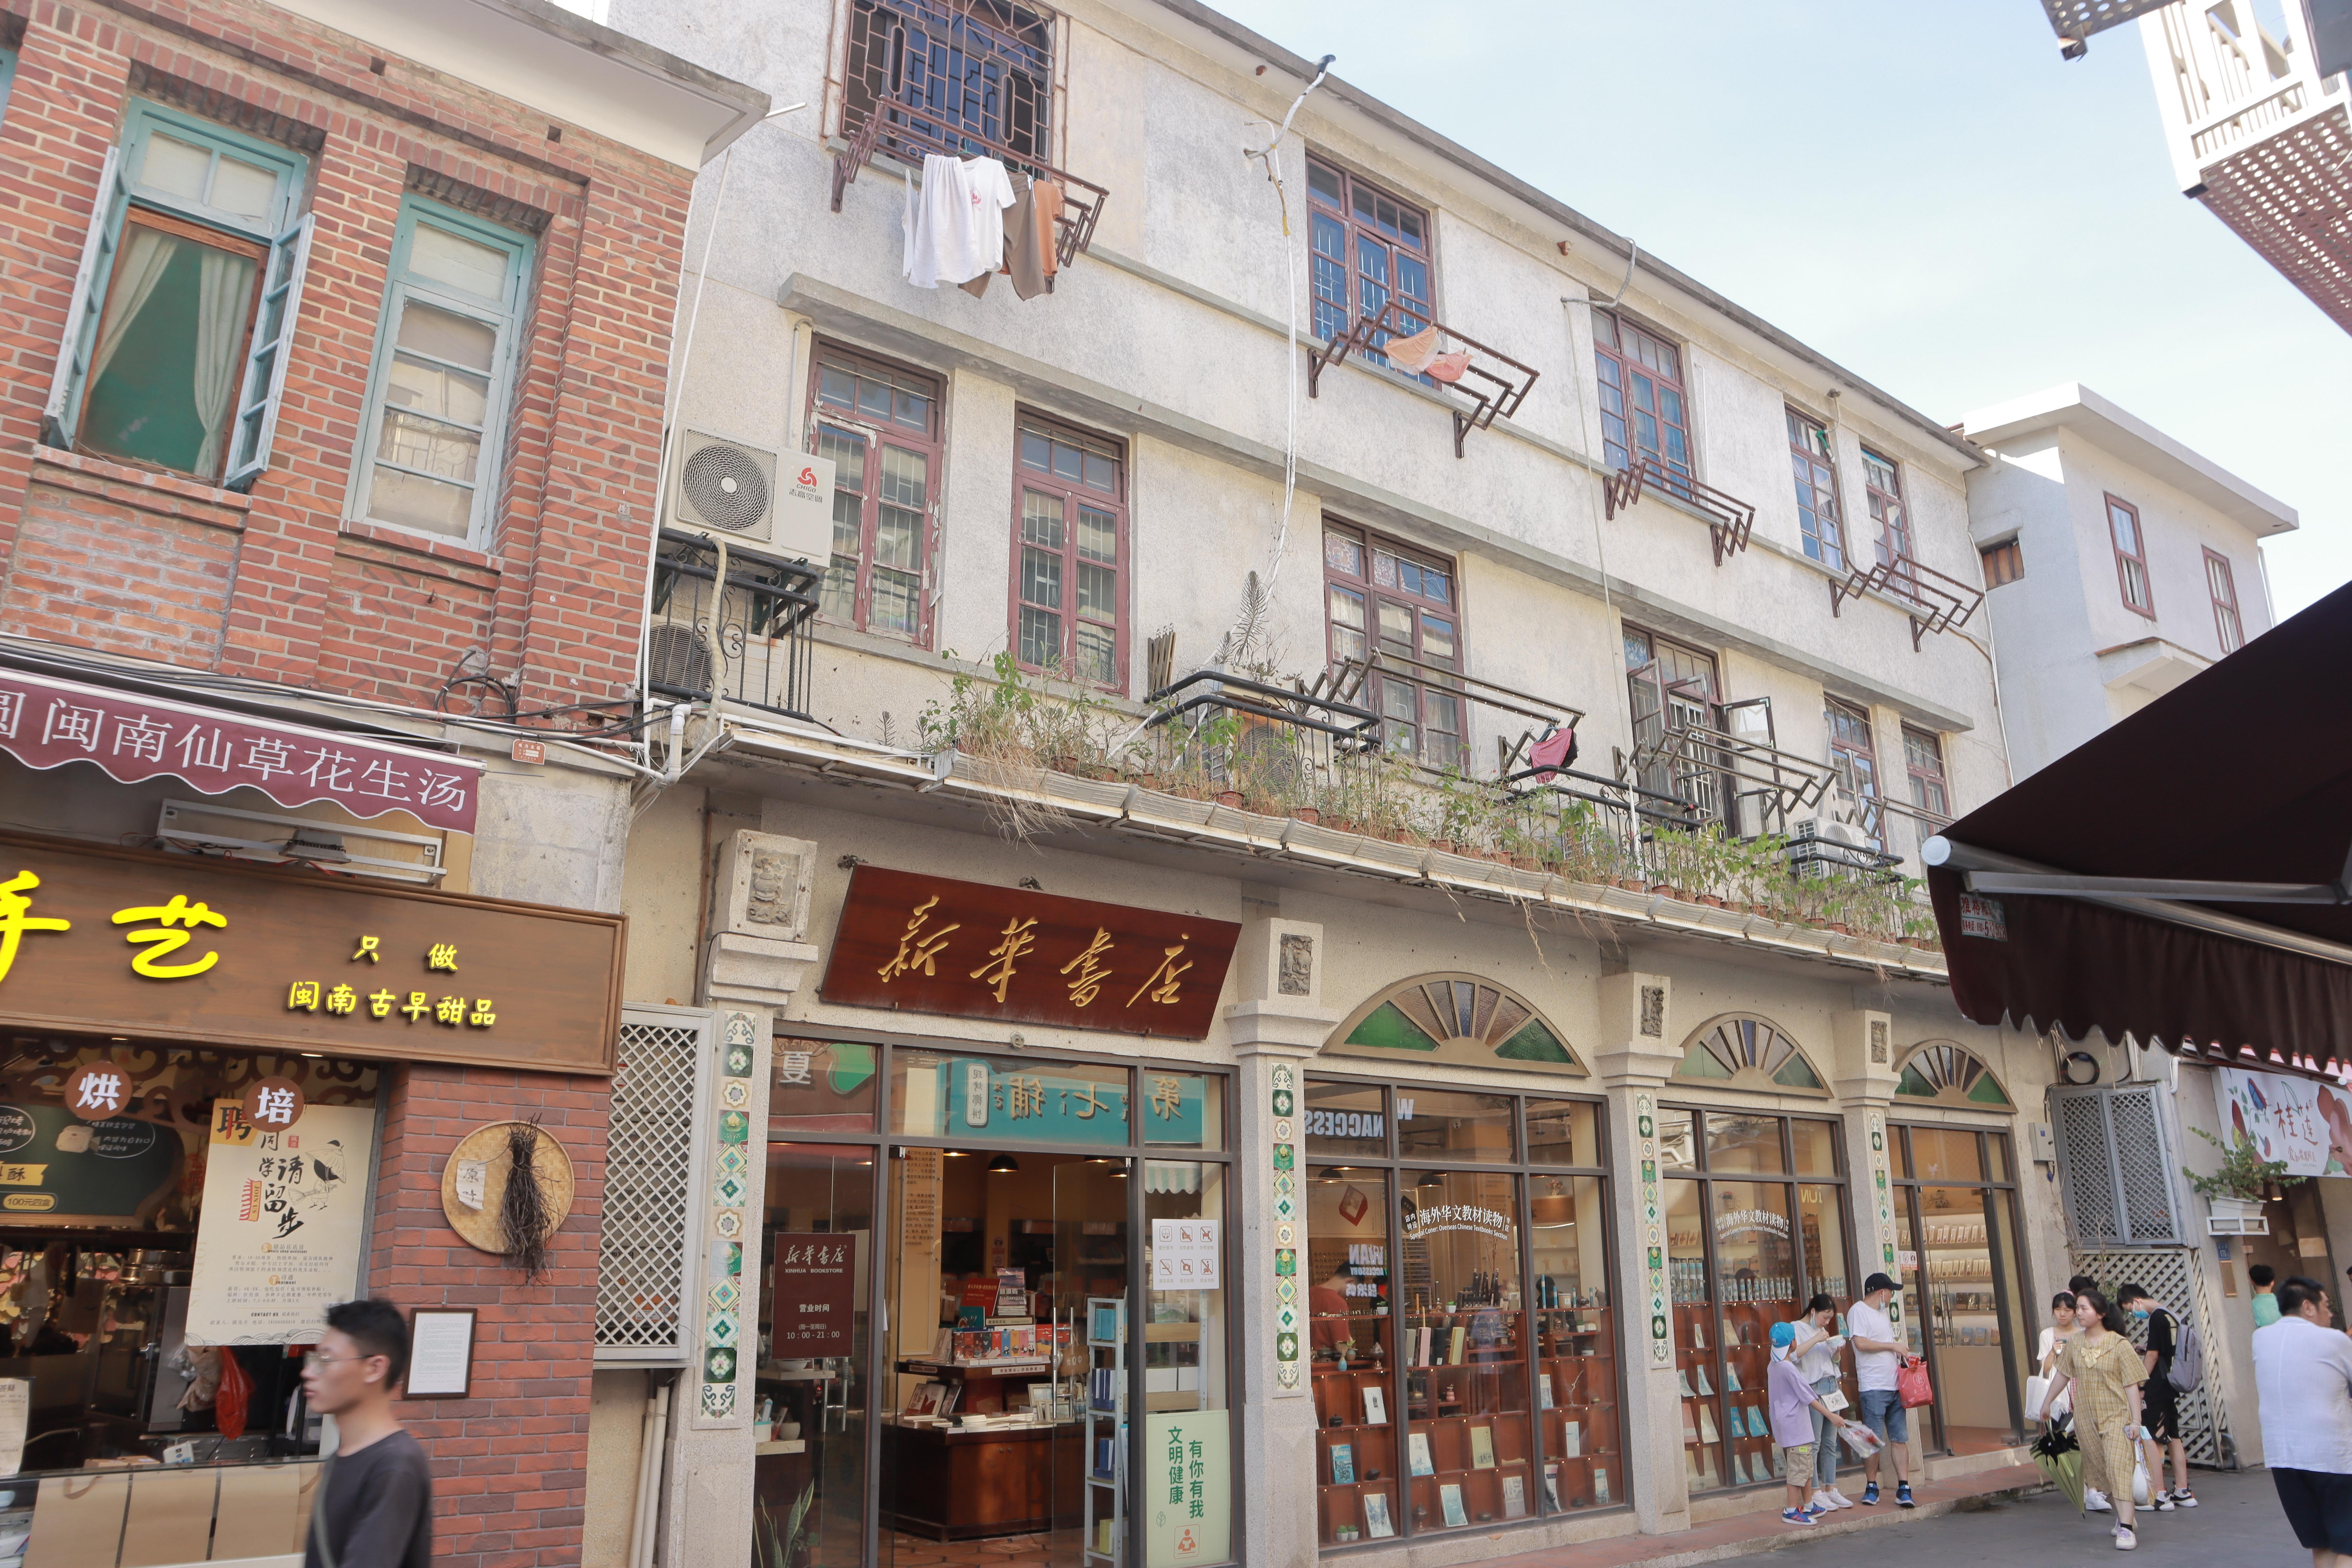 British architecture in Xiamen China